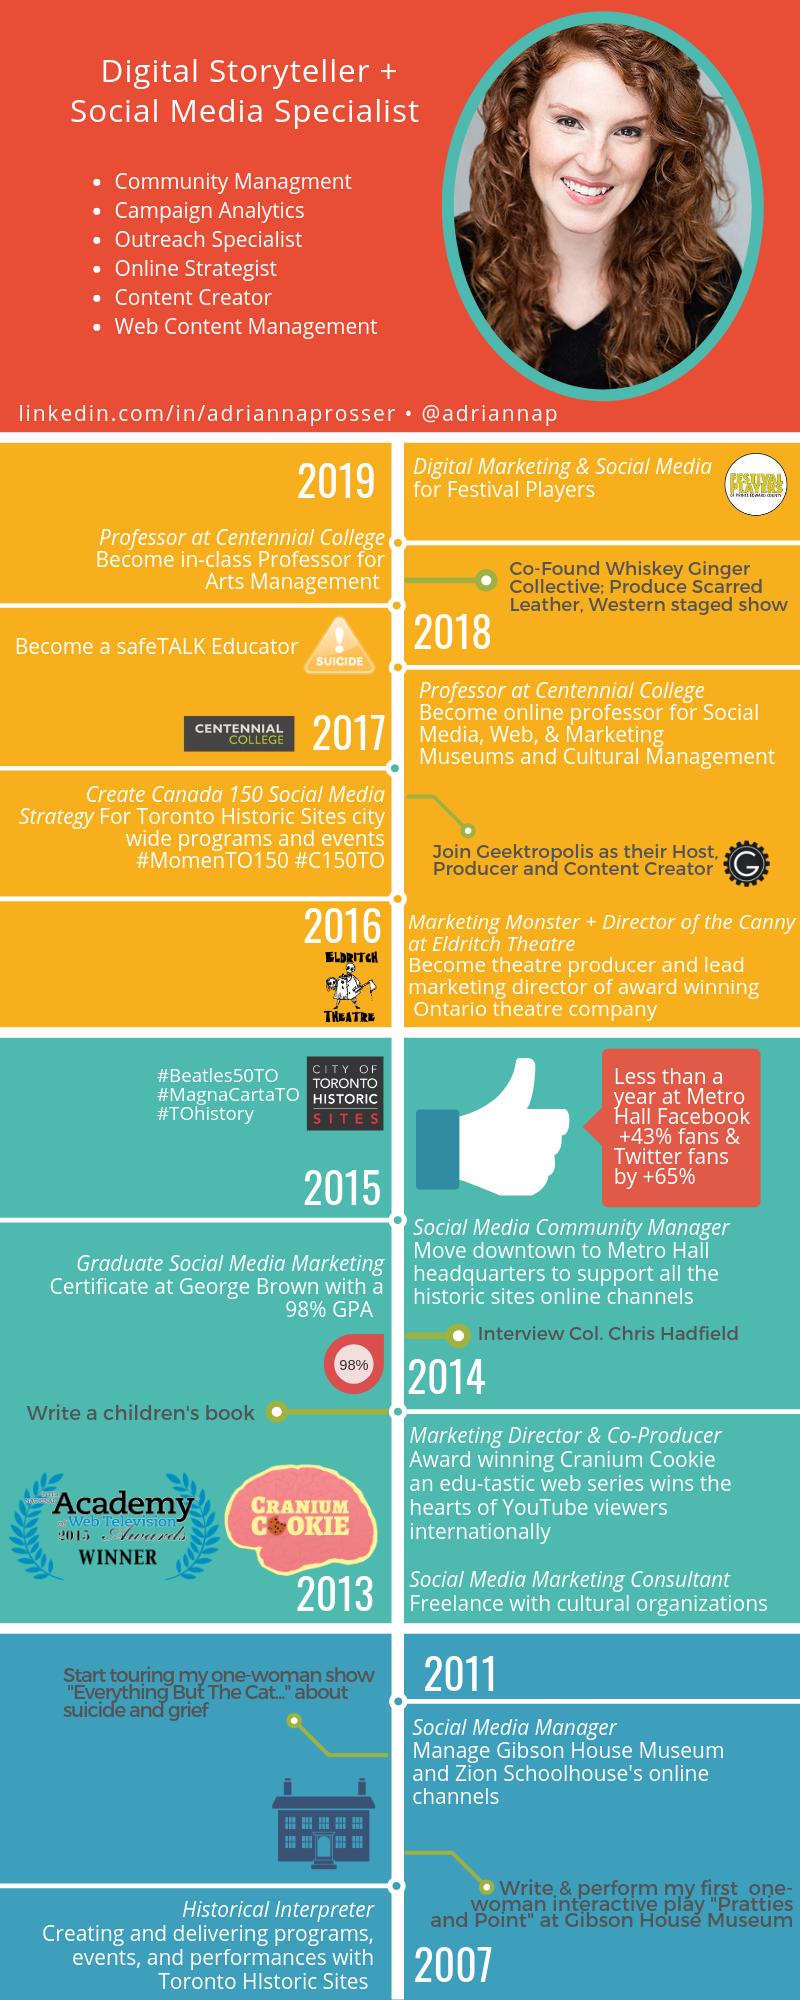 infographic of Adrianna Prosser's career as a (digital) storyteller